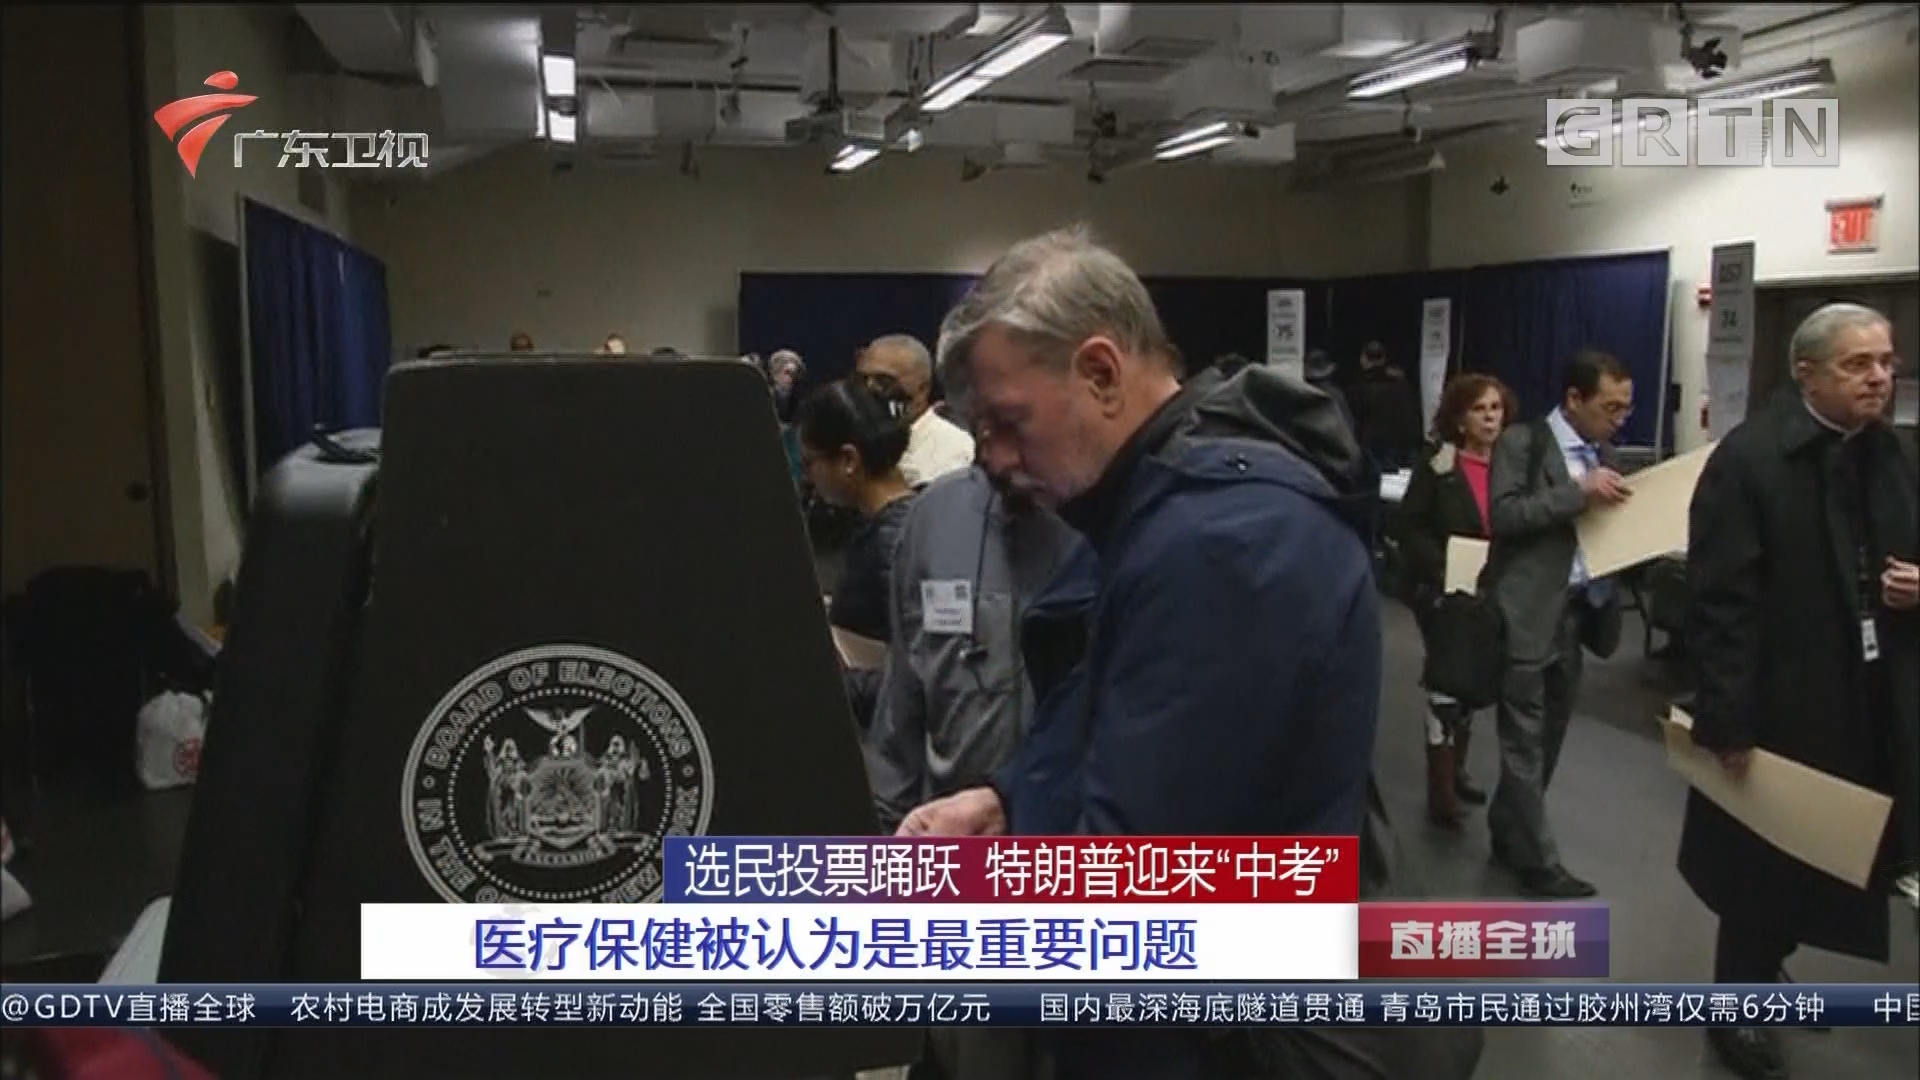 """选民投票踊跃 特朗普迎来""""中考"""":医疗保健被认为是最重要问题"""